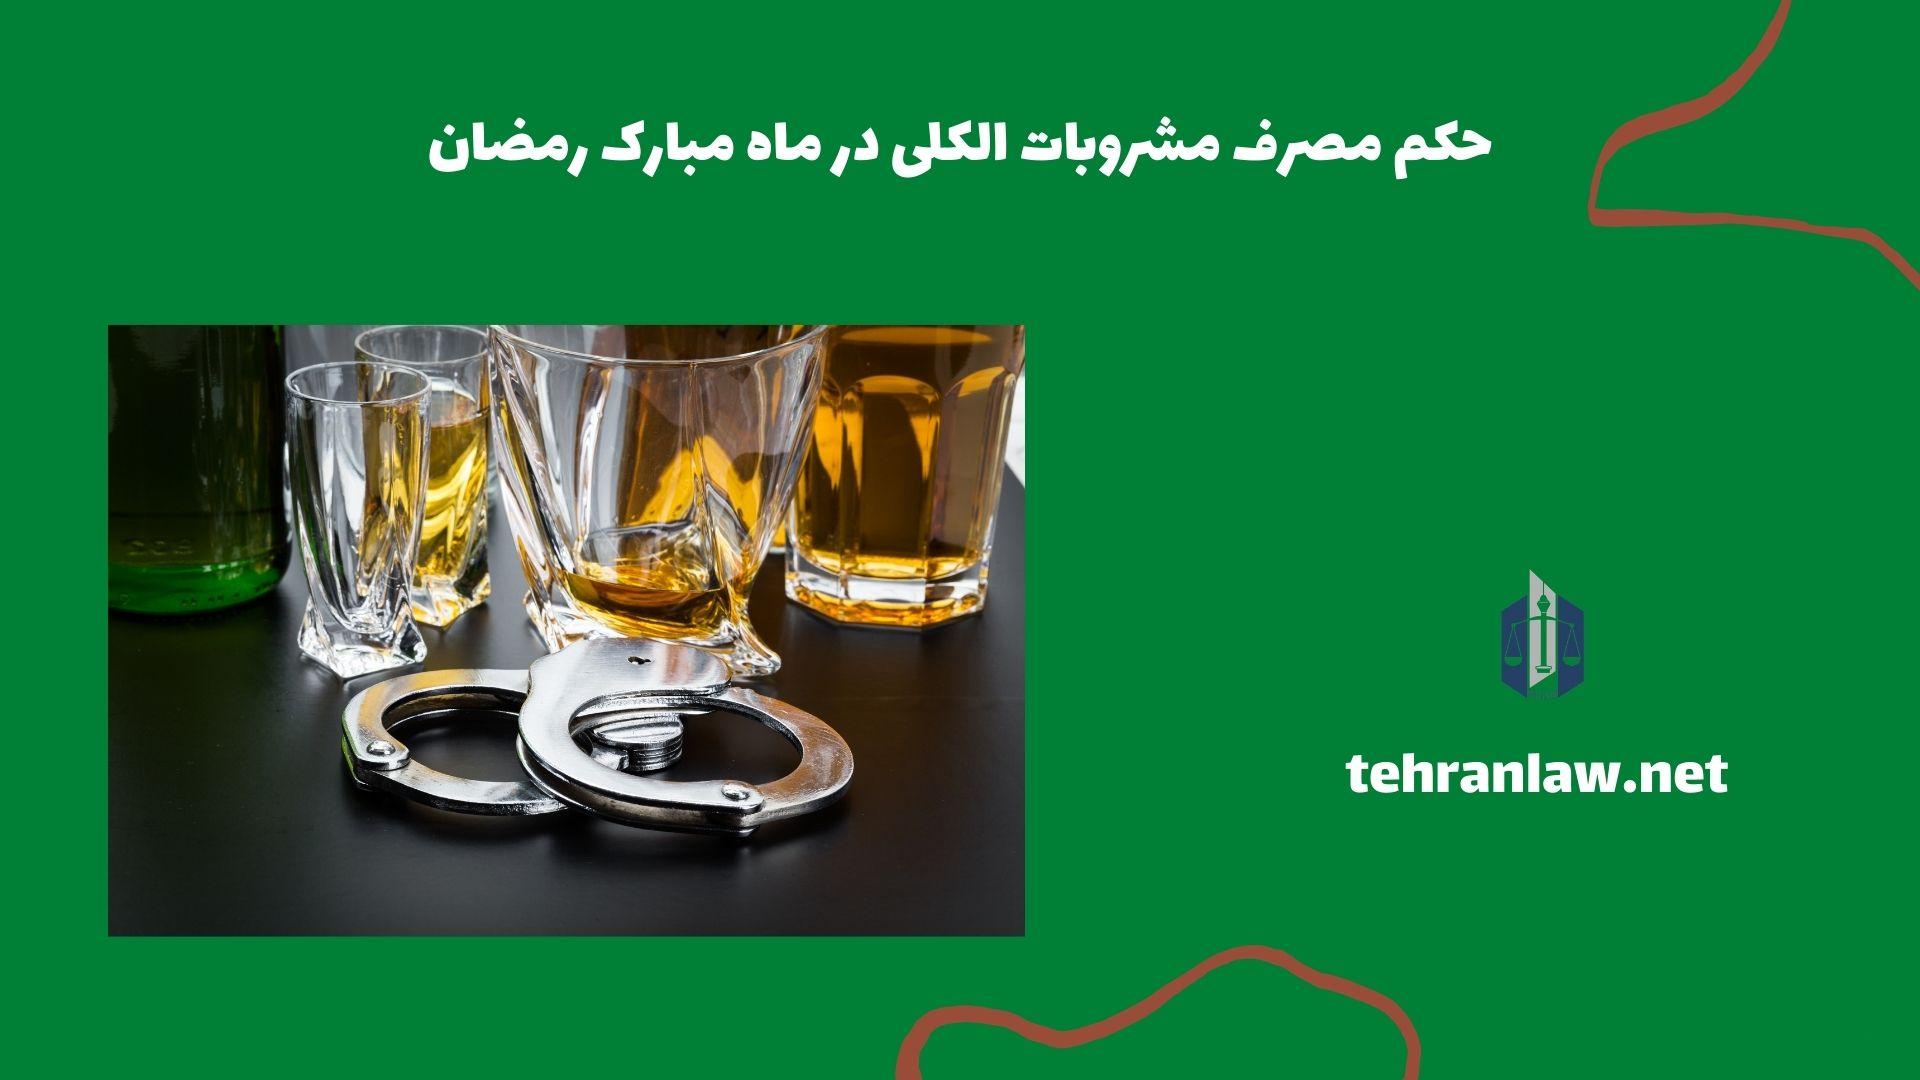 حکم مصرف مشروبات الکلی در ماه مبارک رمضان